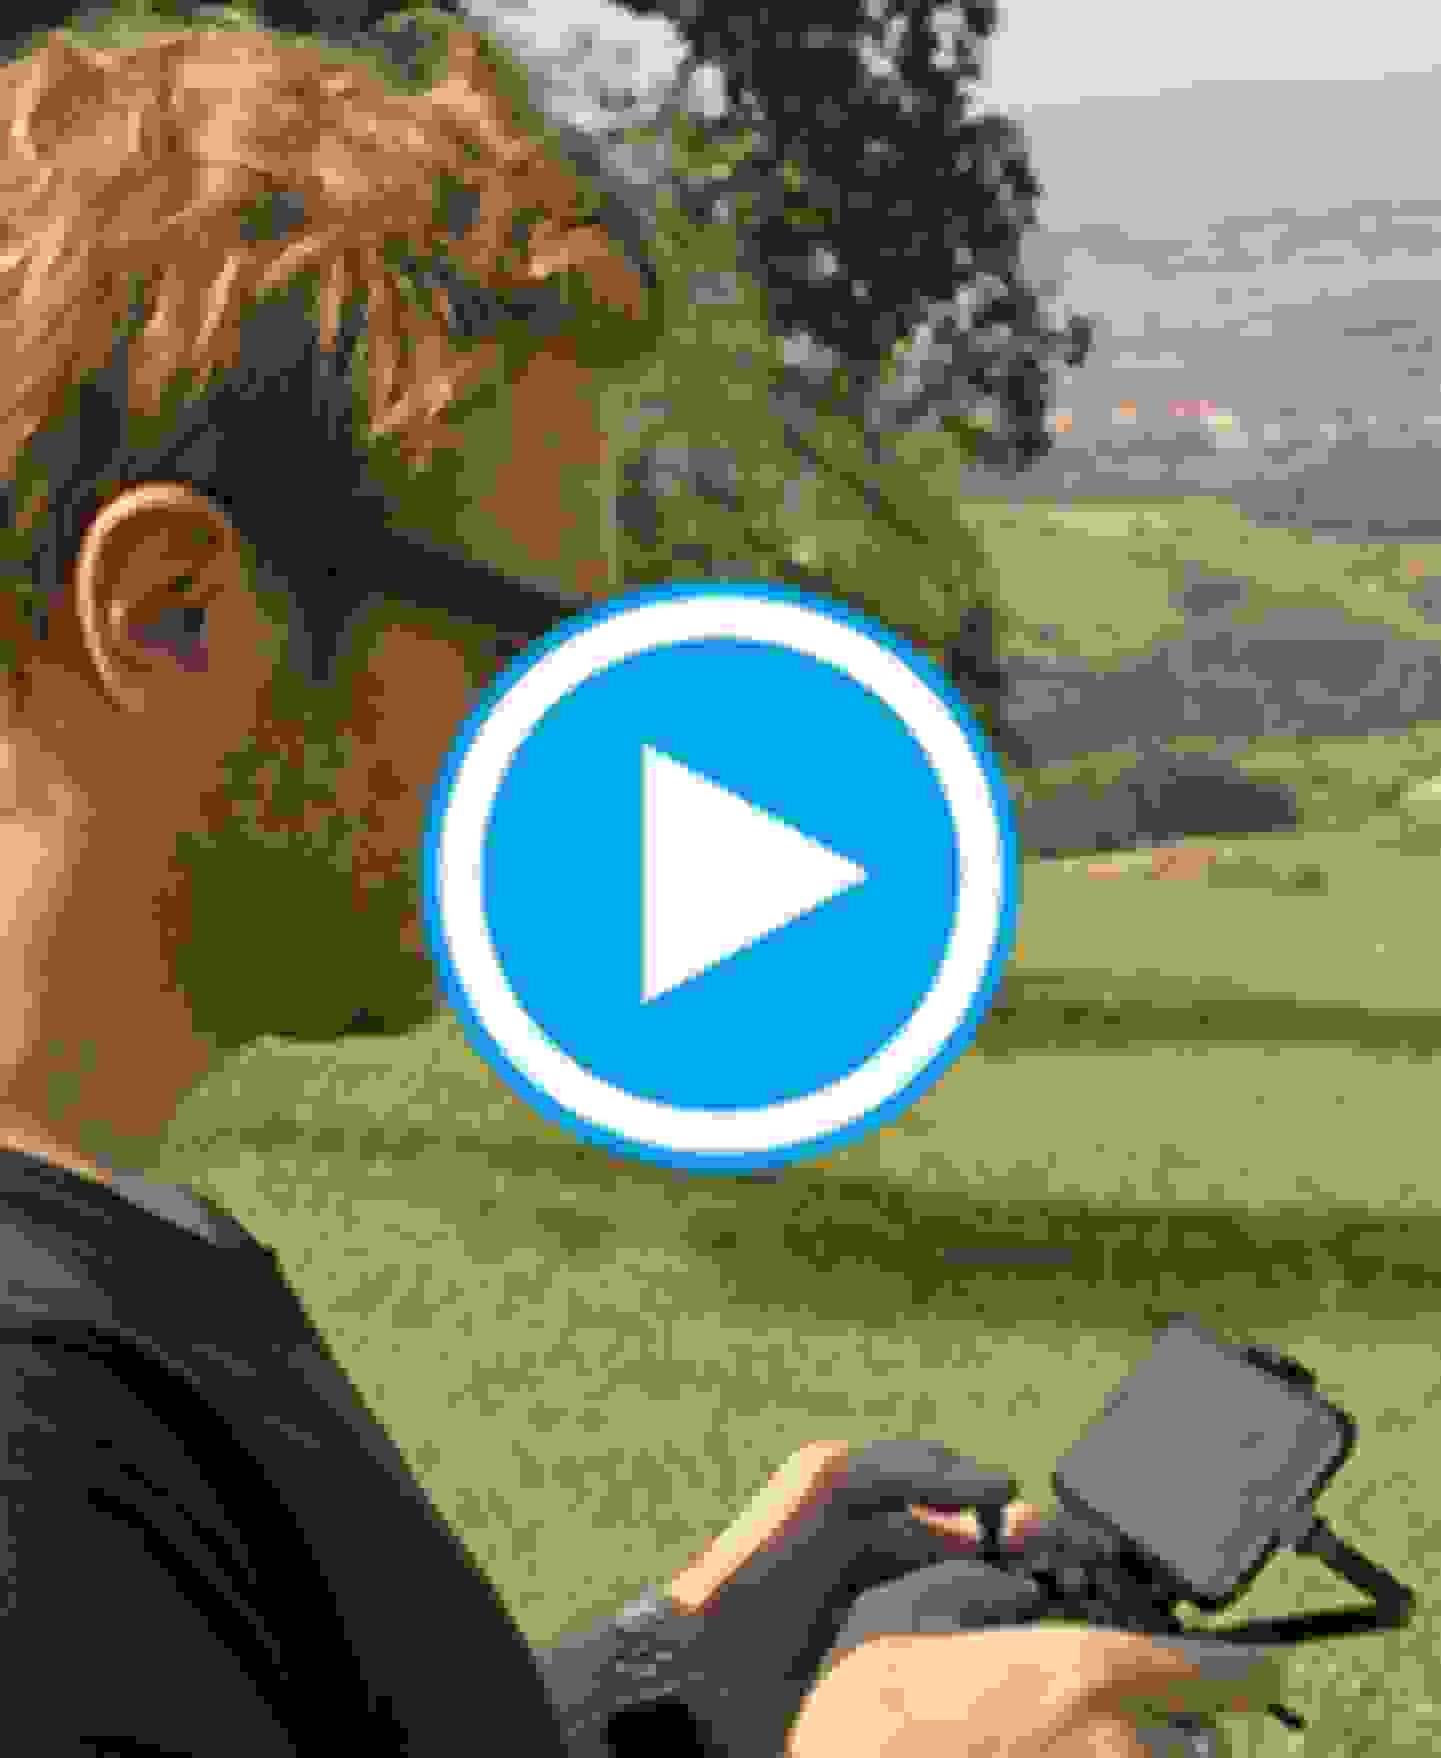 MantisQ - Drone pliable avec caméra et commande vocale - vidéo commande vocale